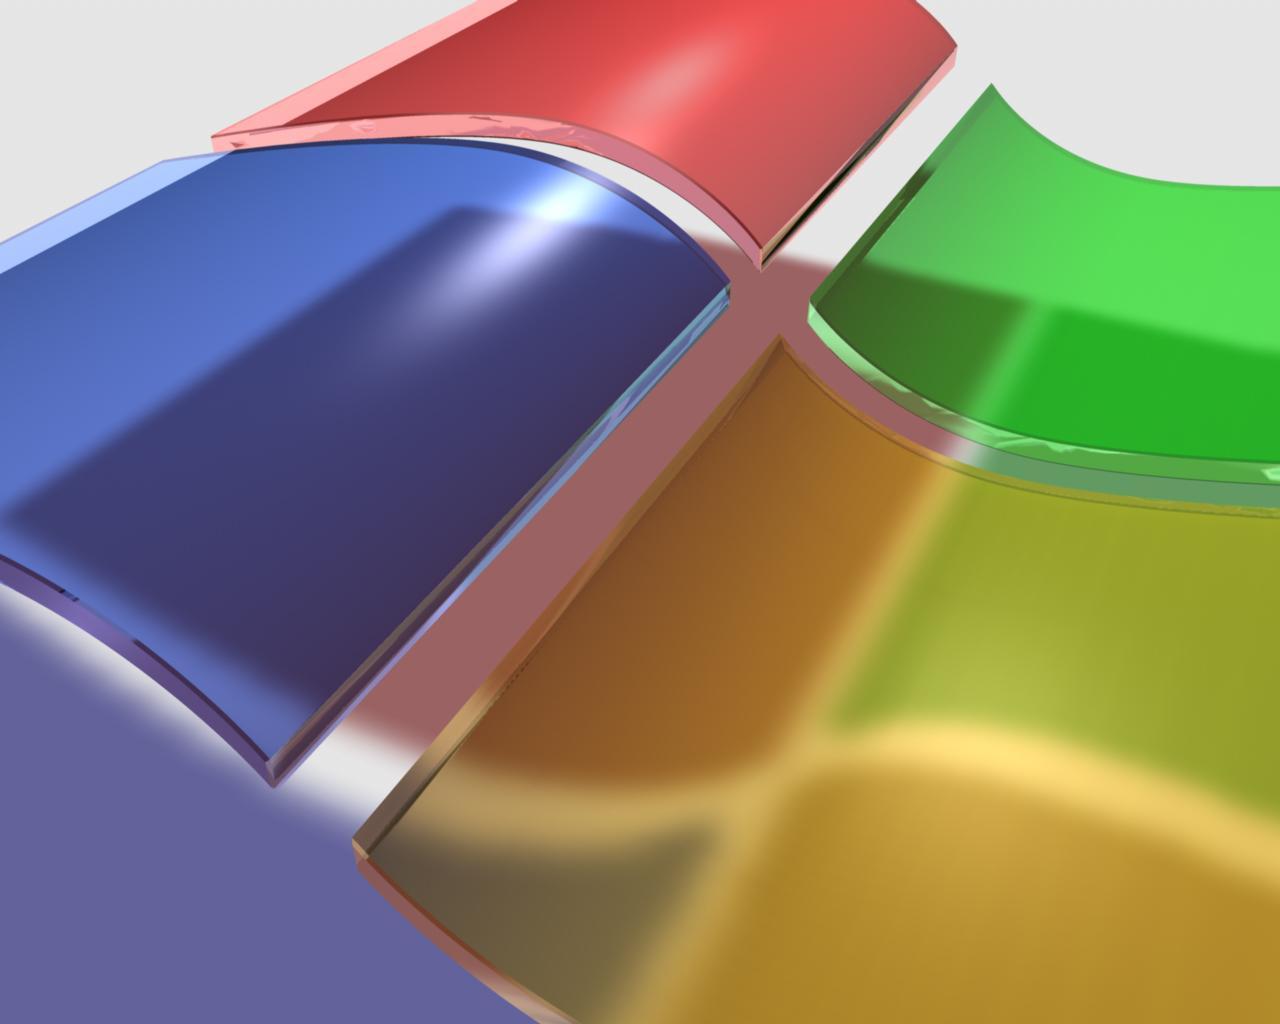 Wallpaper grand Theme Windows XP